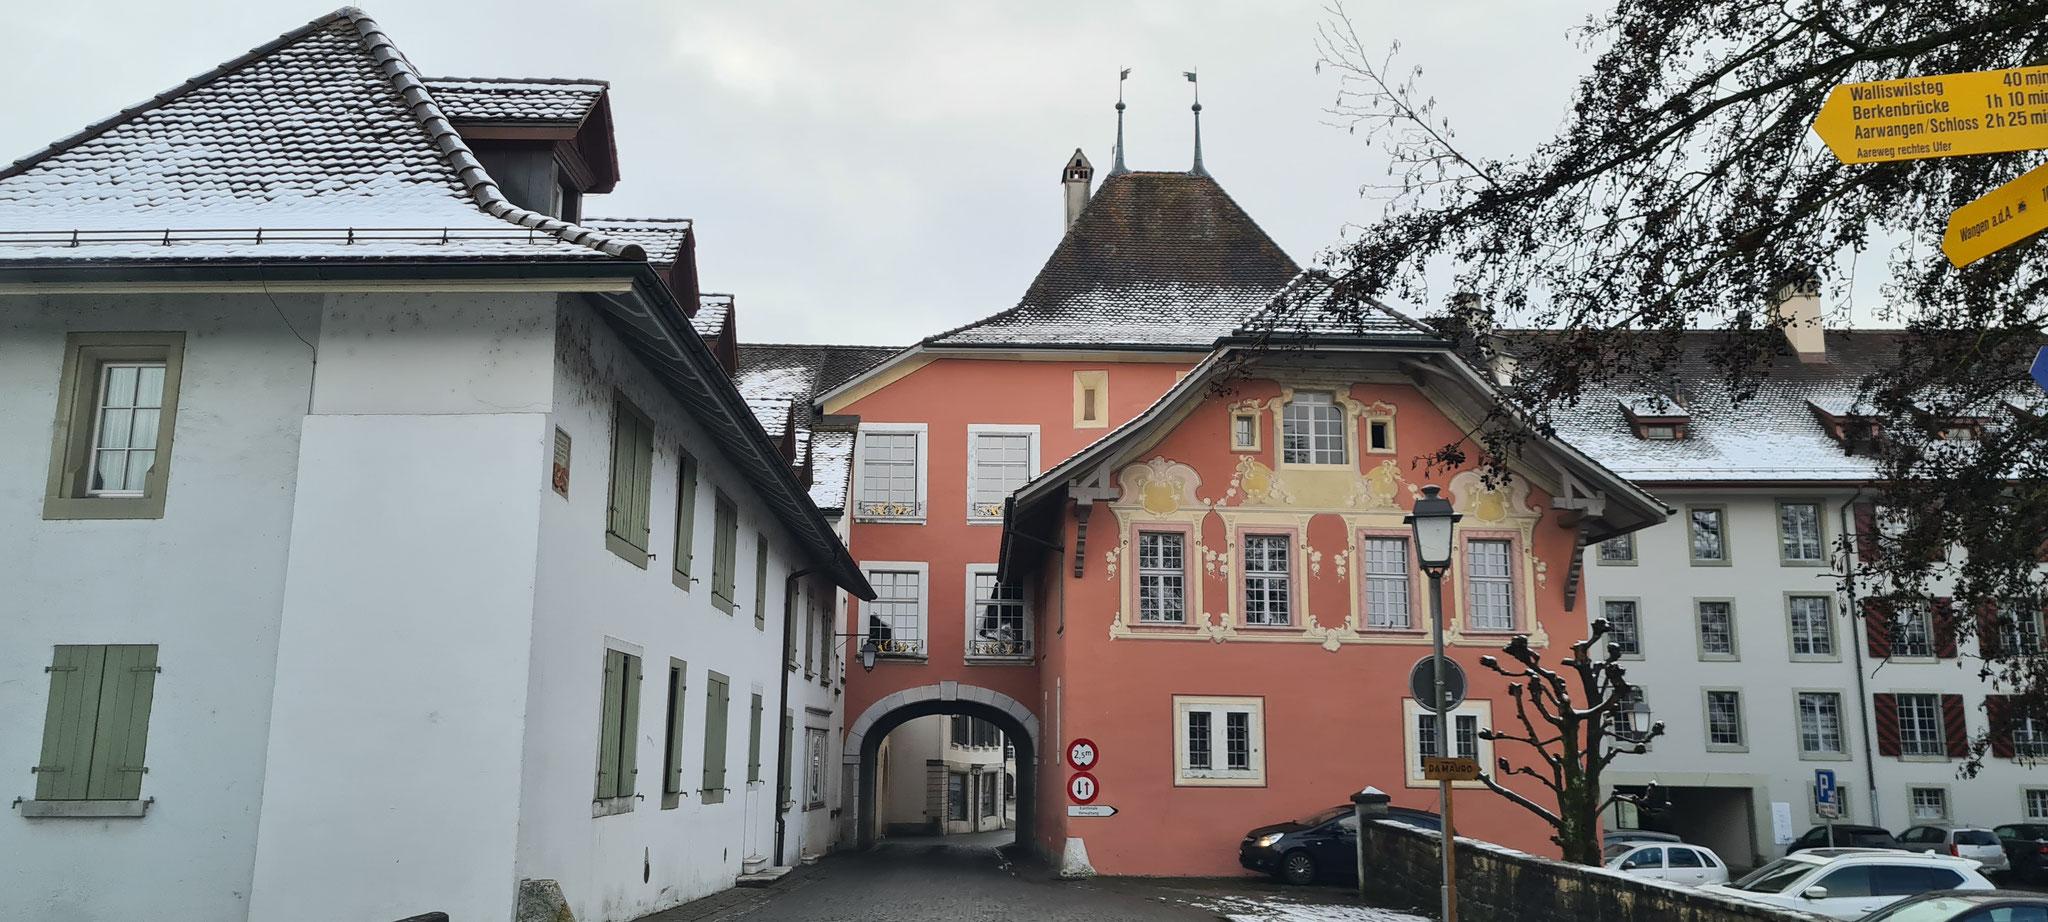 ...mitten durch die Altstadt